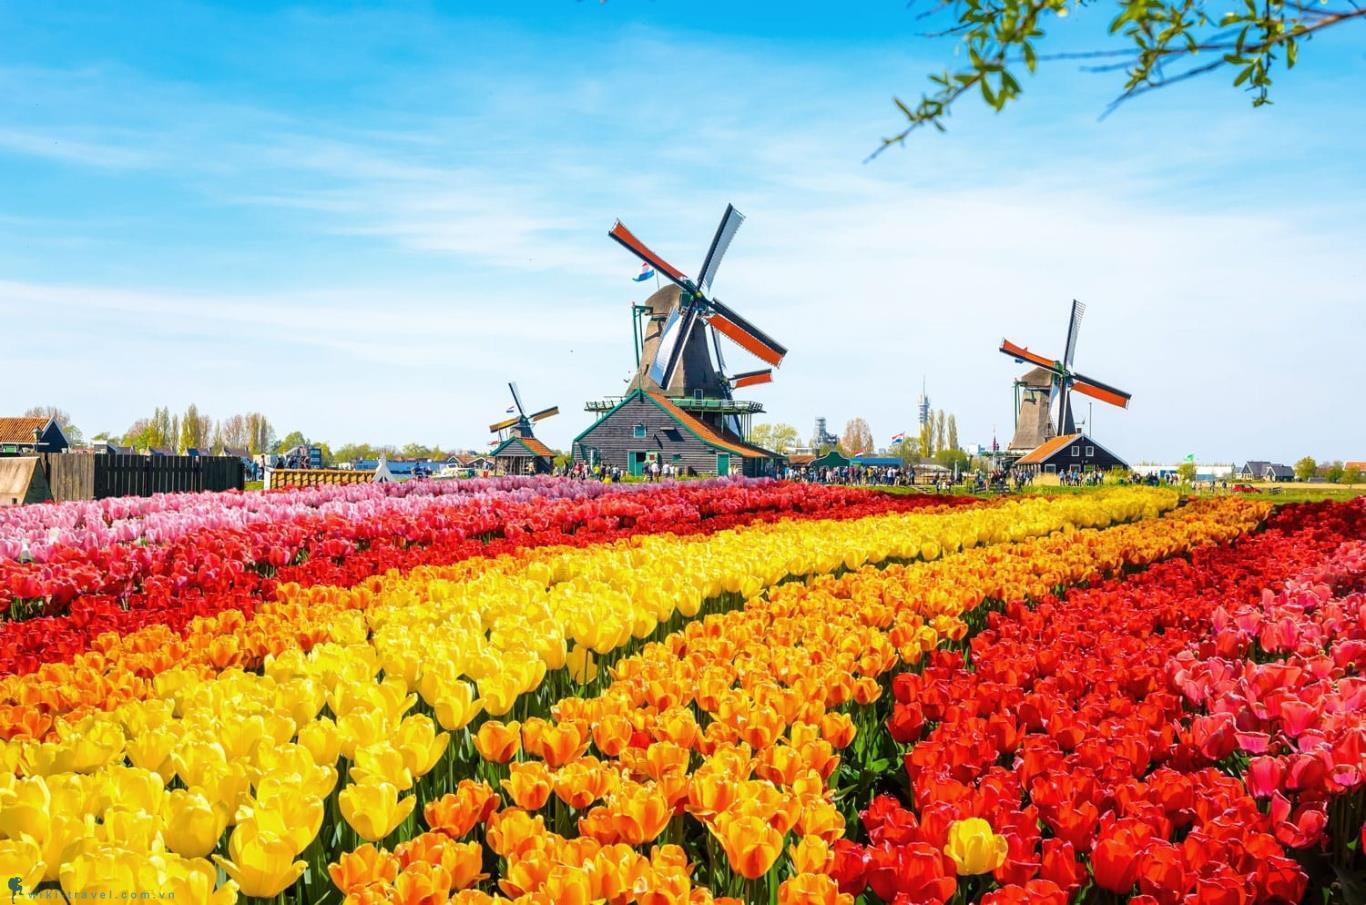 Dịch vụ chuyển phát nhanh đi Hà Lan giá rẻ của Sài Gòn Bay